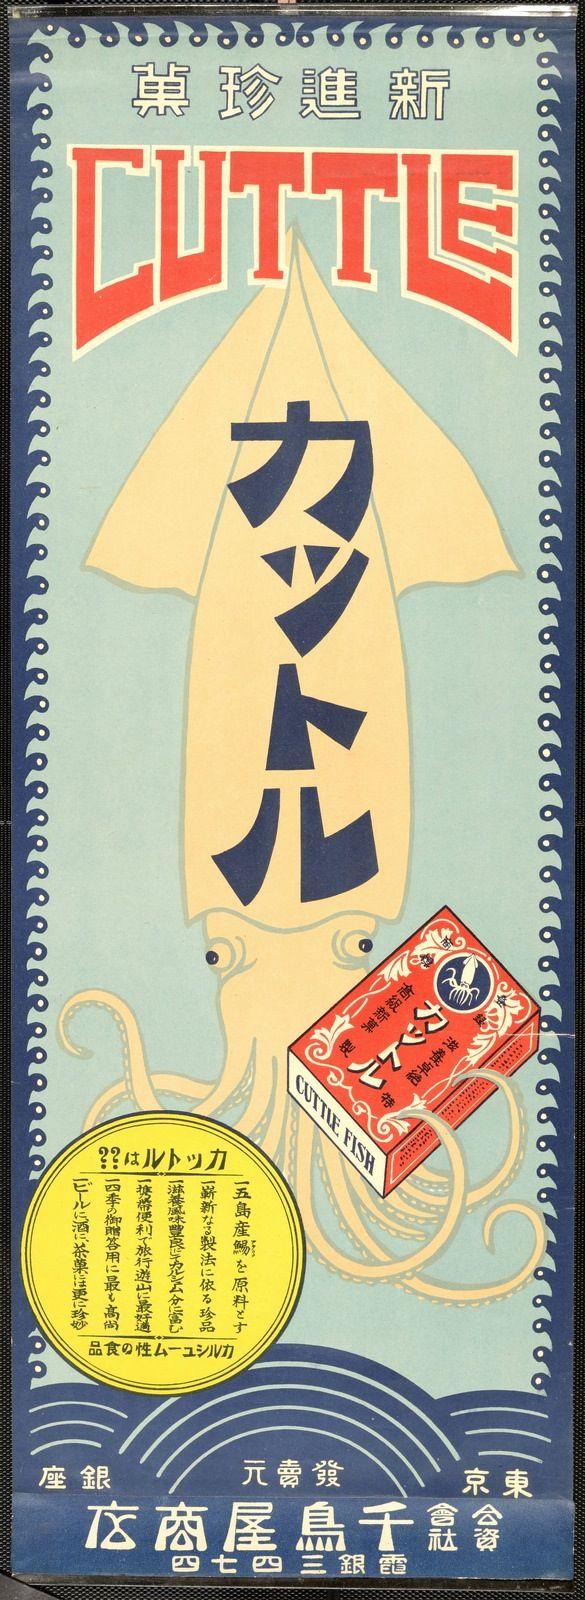 激動の大正時代に制作された大正ロマン溢れるポスター25枚 - DNA